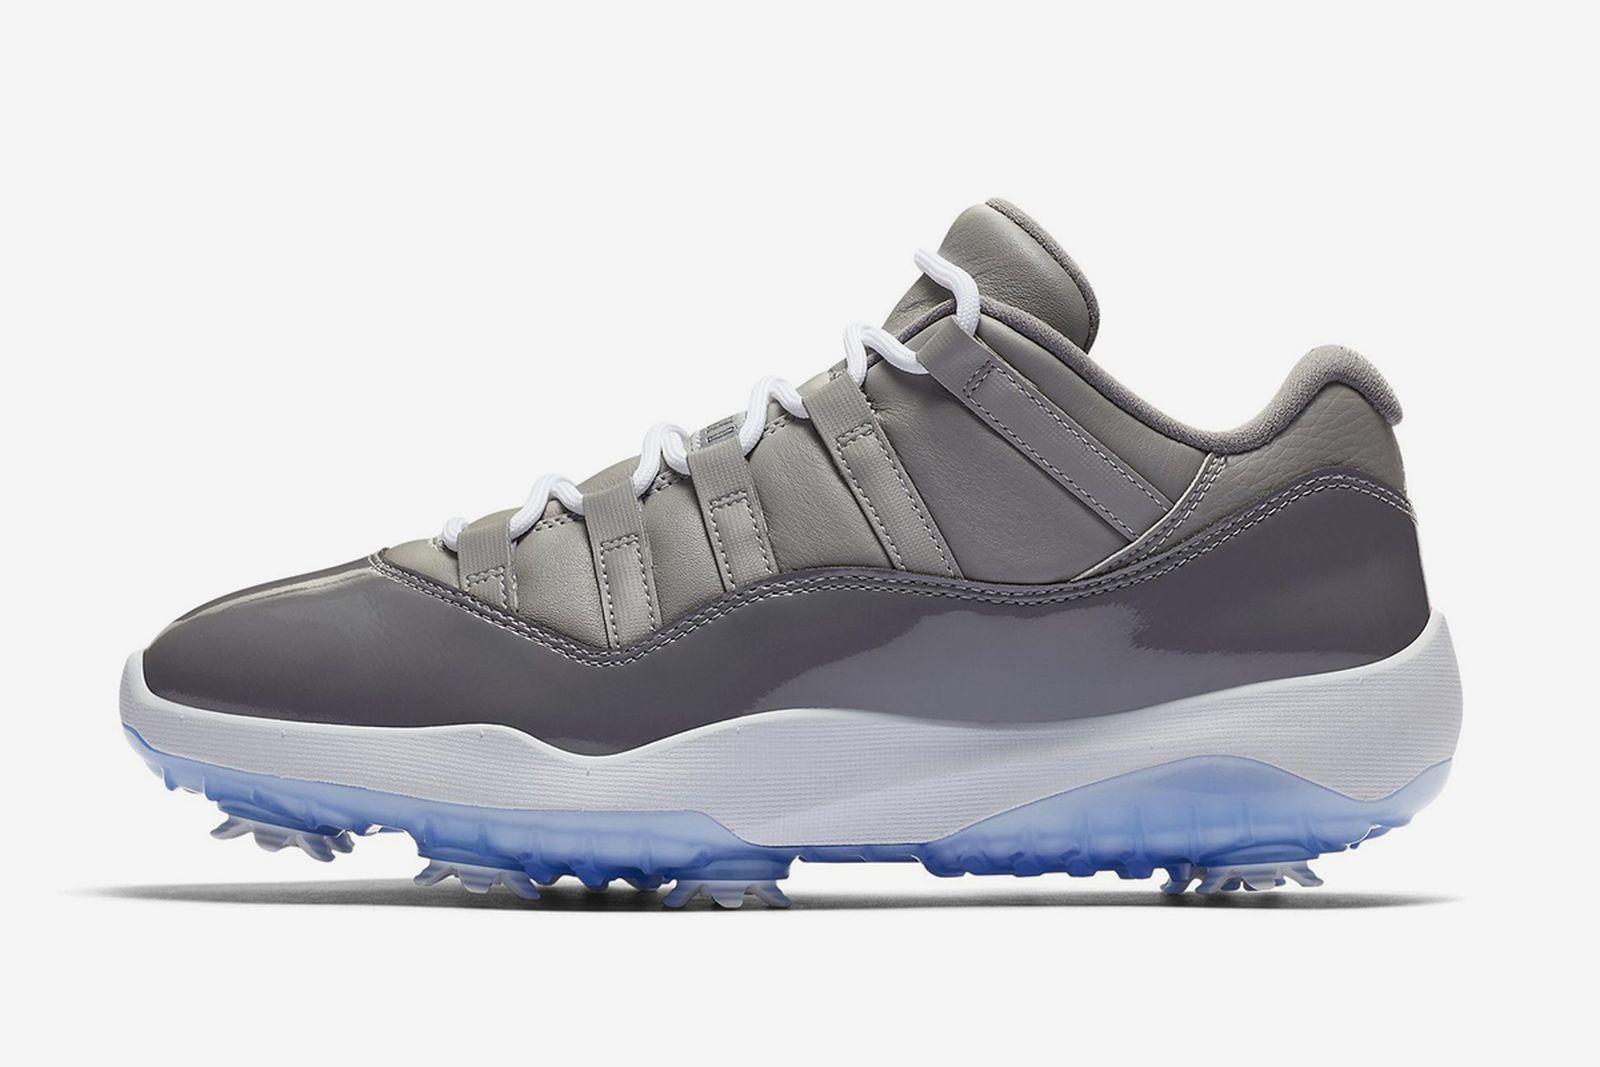 nike-golf-sneakers-04